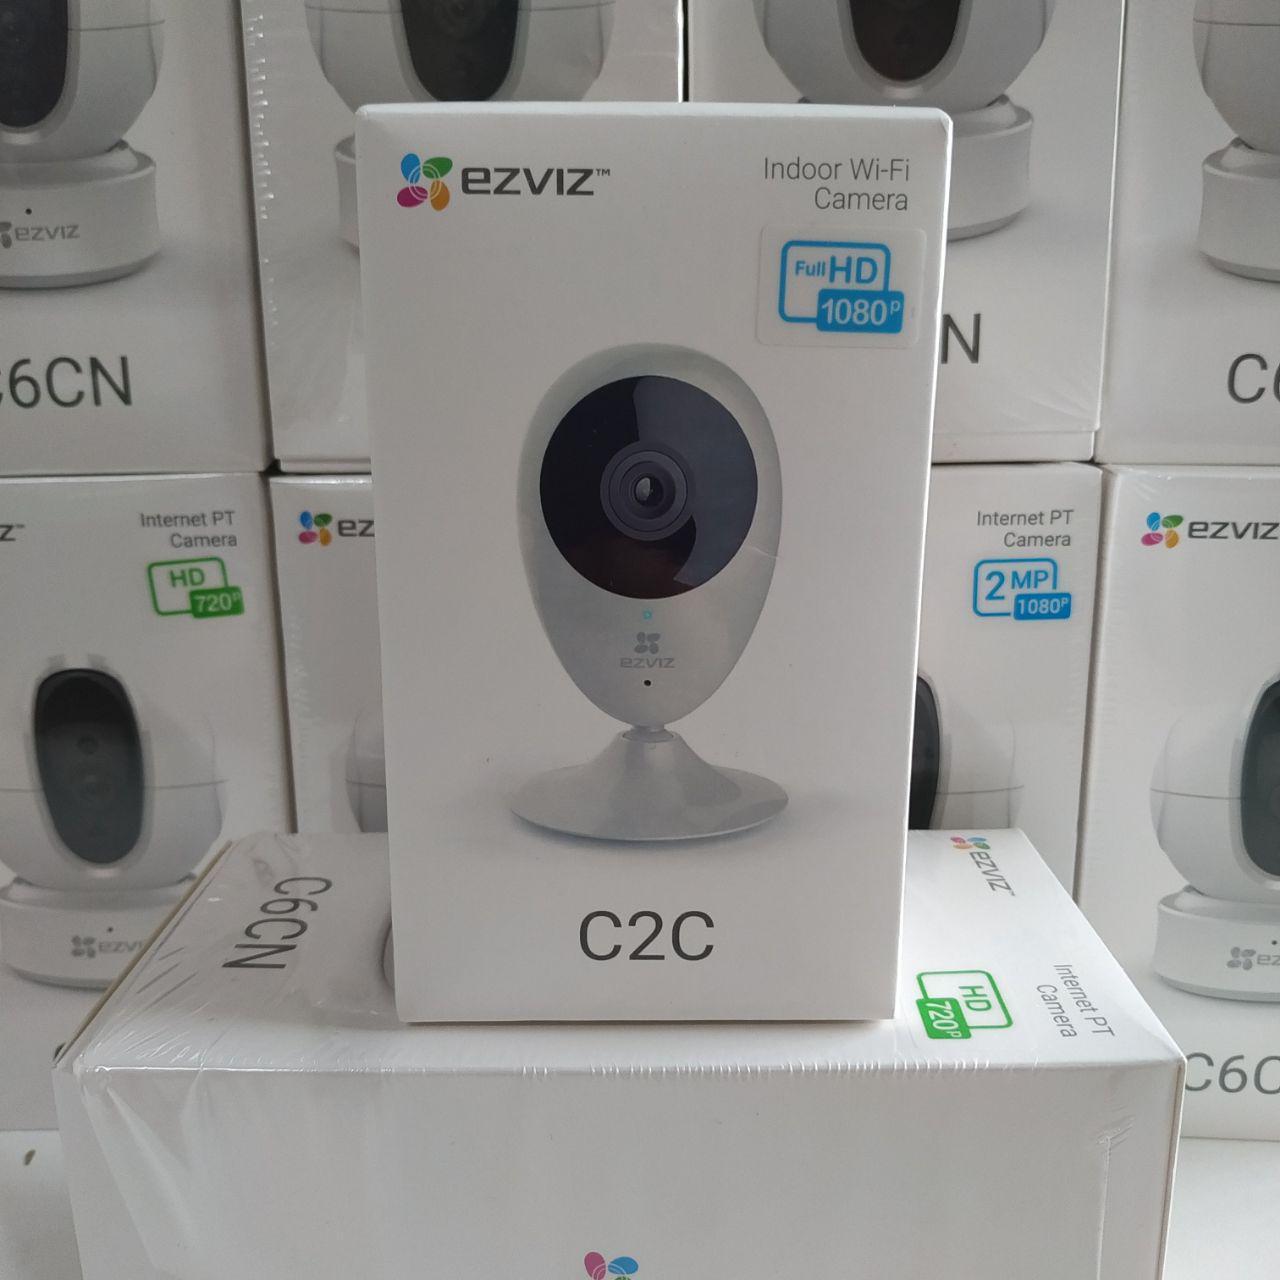 Đóng gói Sản phẩm hình ảnh thực tế Ezviz C2C